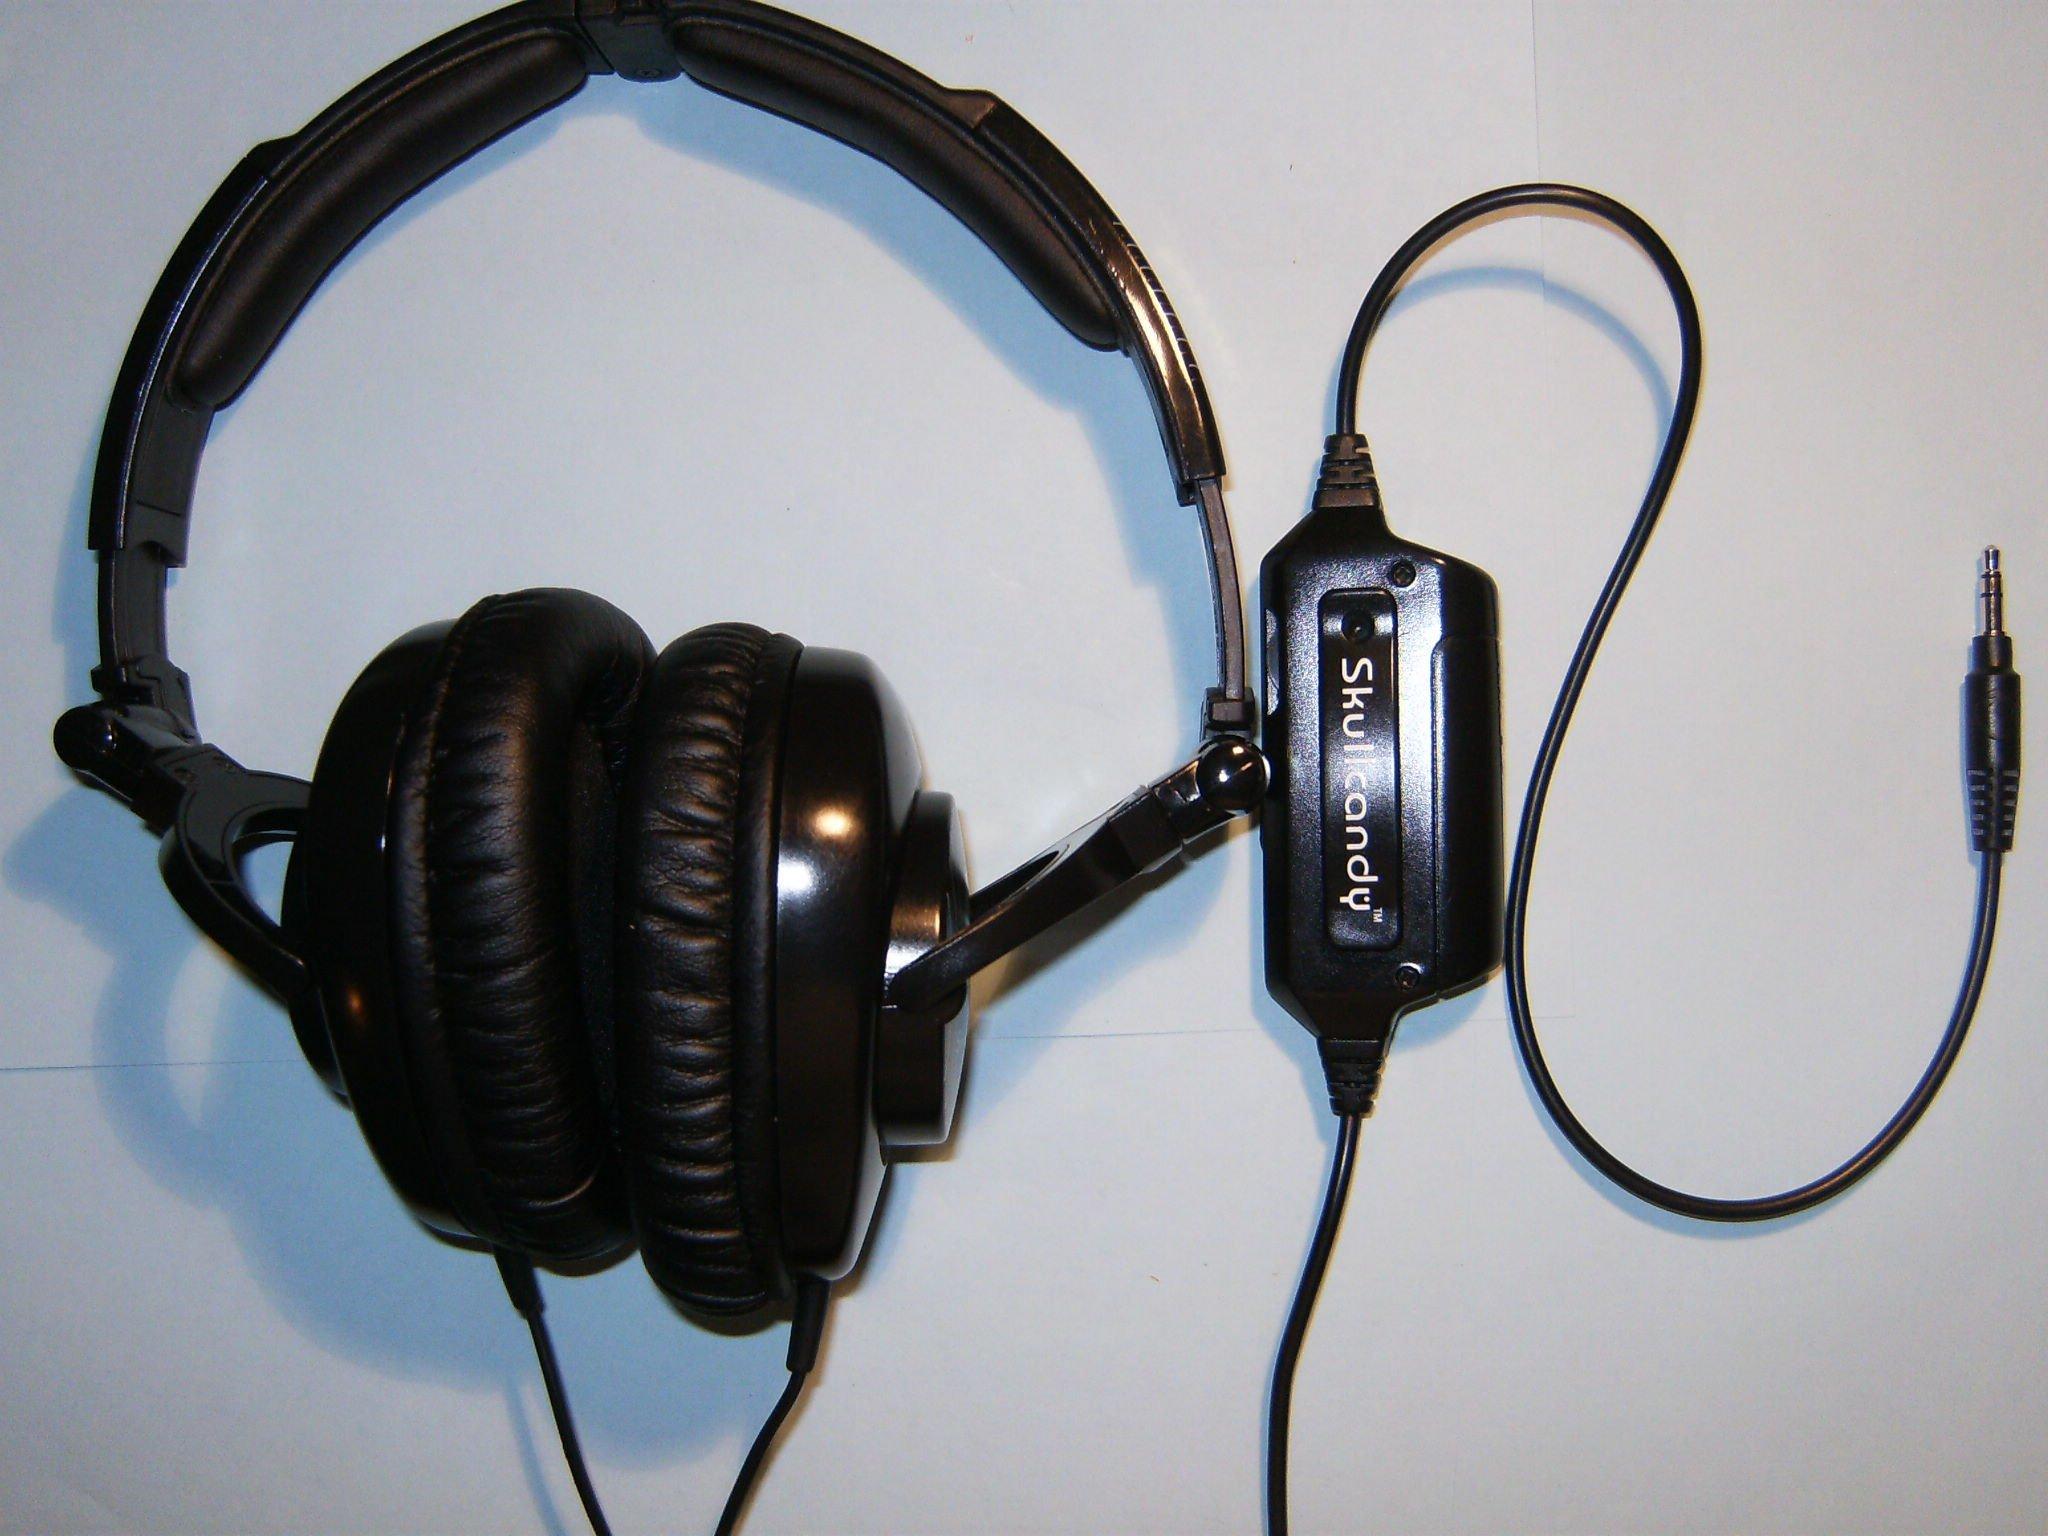 Skullcandy Headphone Jack Wiring Diagram - Wiring Diagram Table on